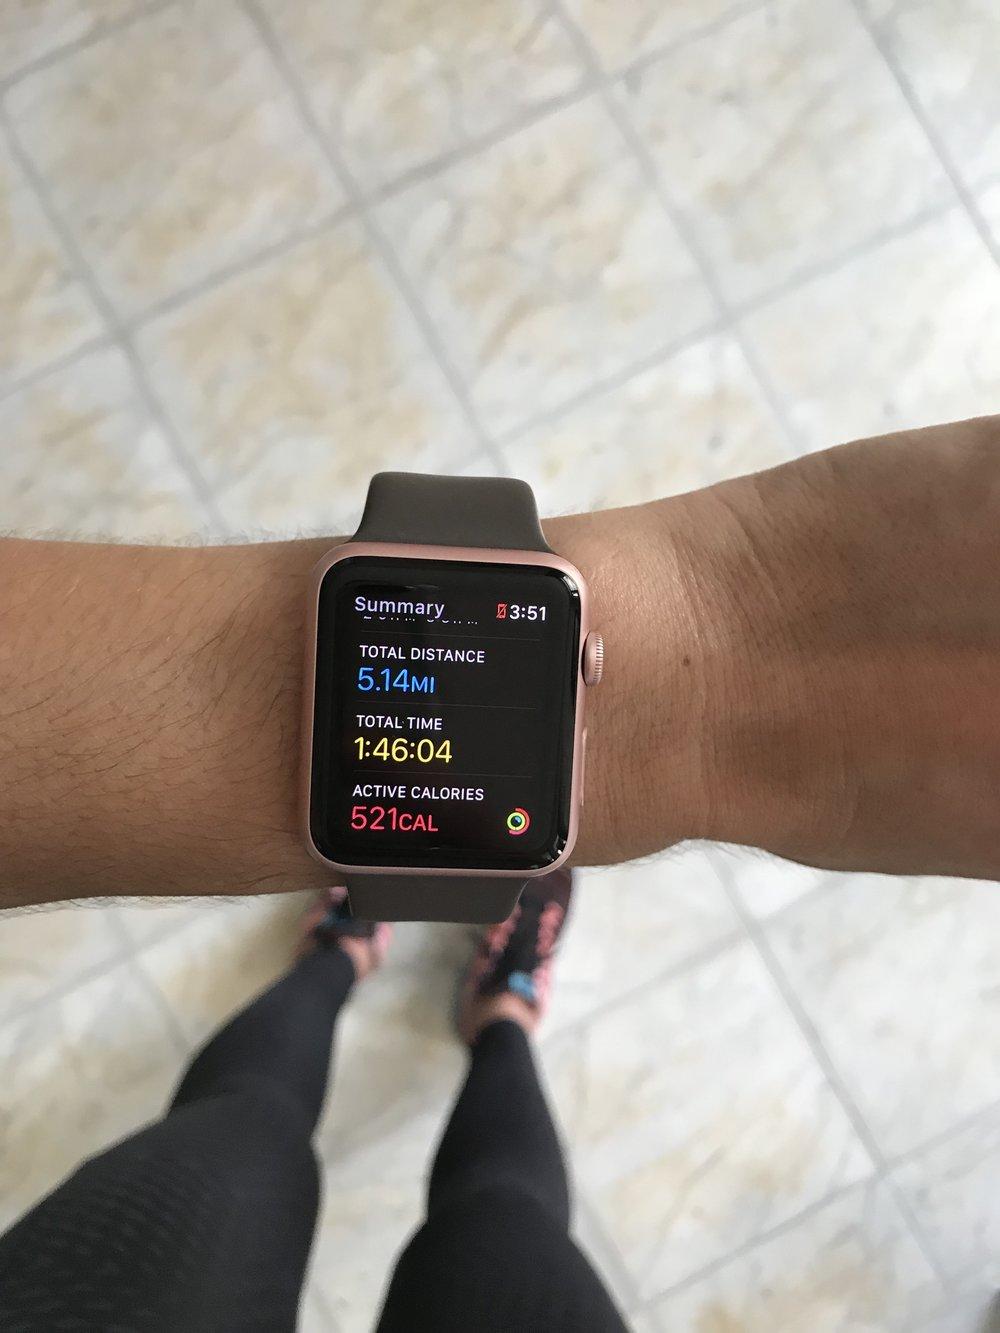 apple-watch-active-living-lauren-schwaiger-blog.jpg